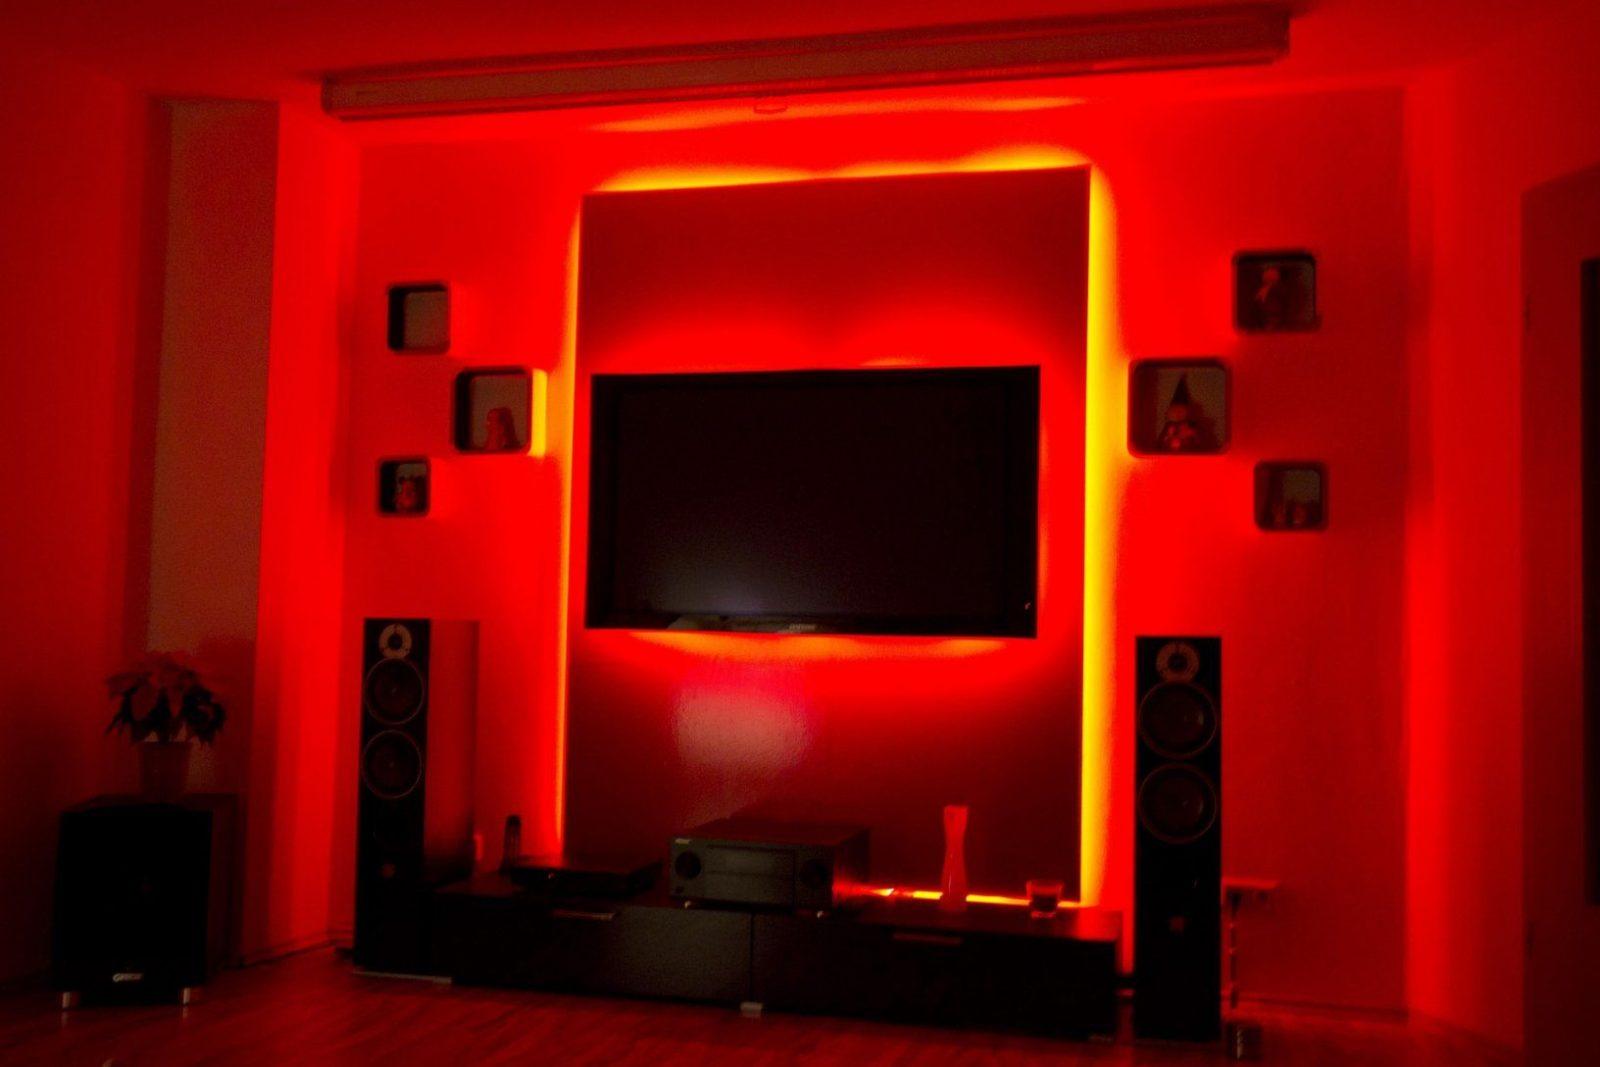 Überraschend Haus Stil Zum Wand Hifi Regal Selber Bauen Beste von Led Wand Selber Bauen Bild